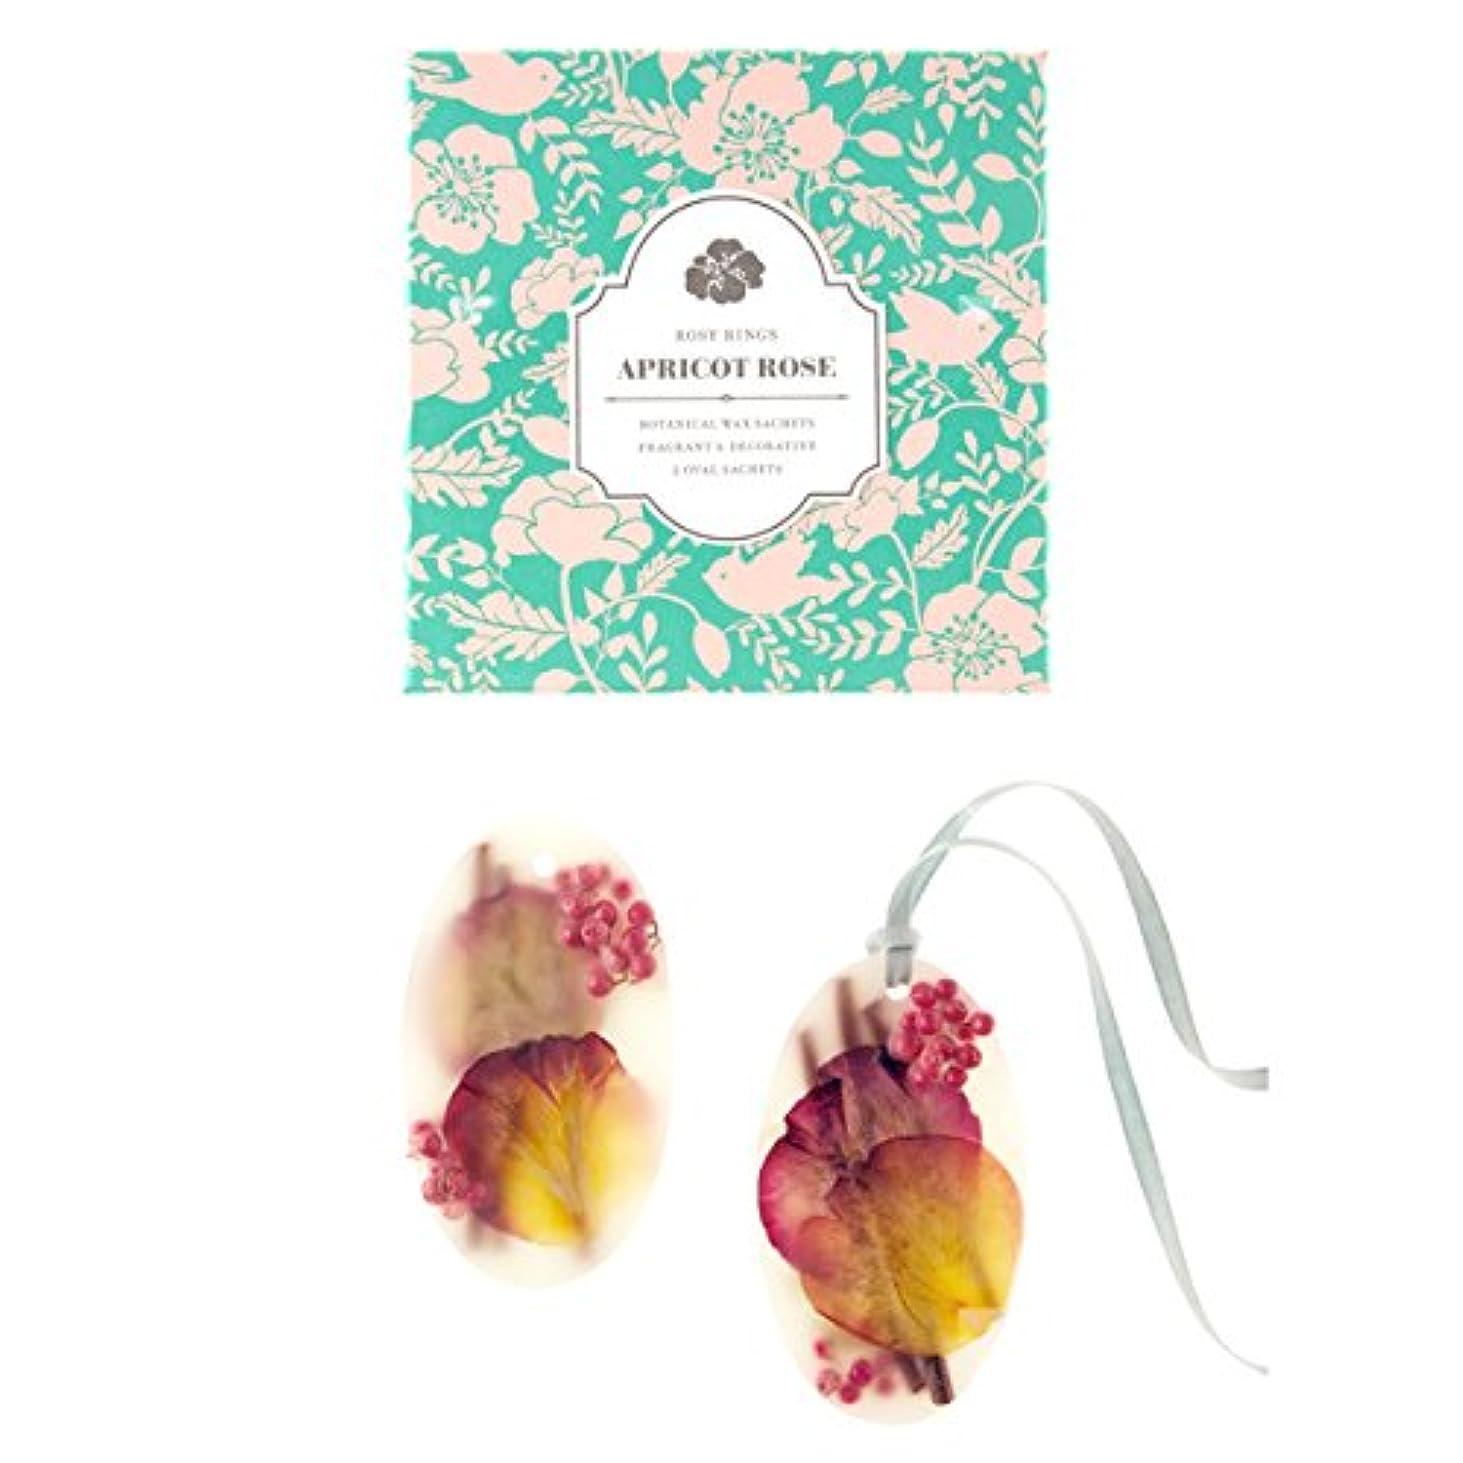 小道頻繁に個人的なロージーリングス ボタニカルワックスサシェ オーバル アプリコット&ローズ ROSY RINGS Signature Collection Botanical Wax Sachets – Apricot Rose